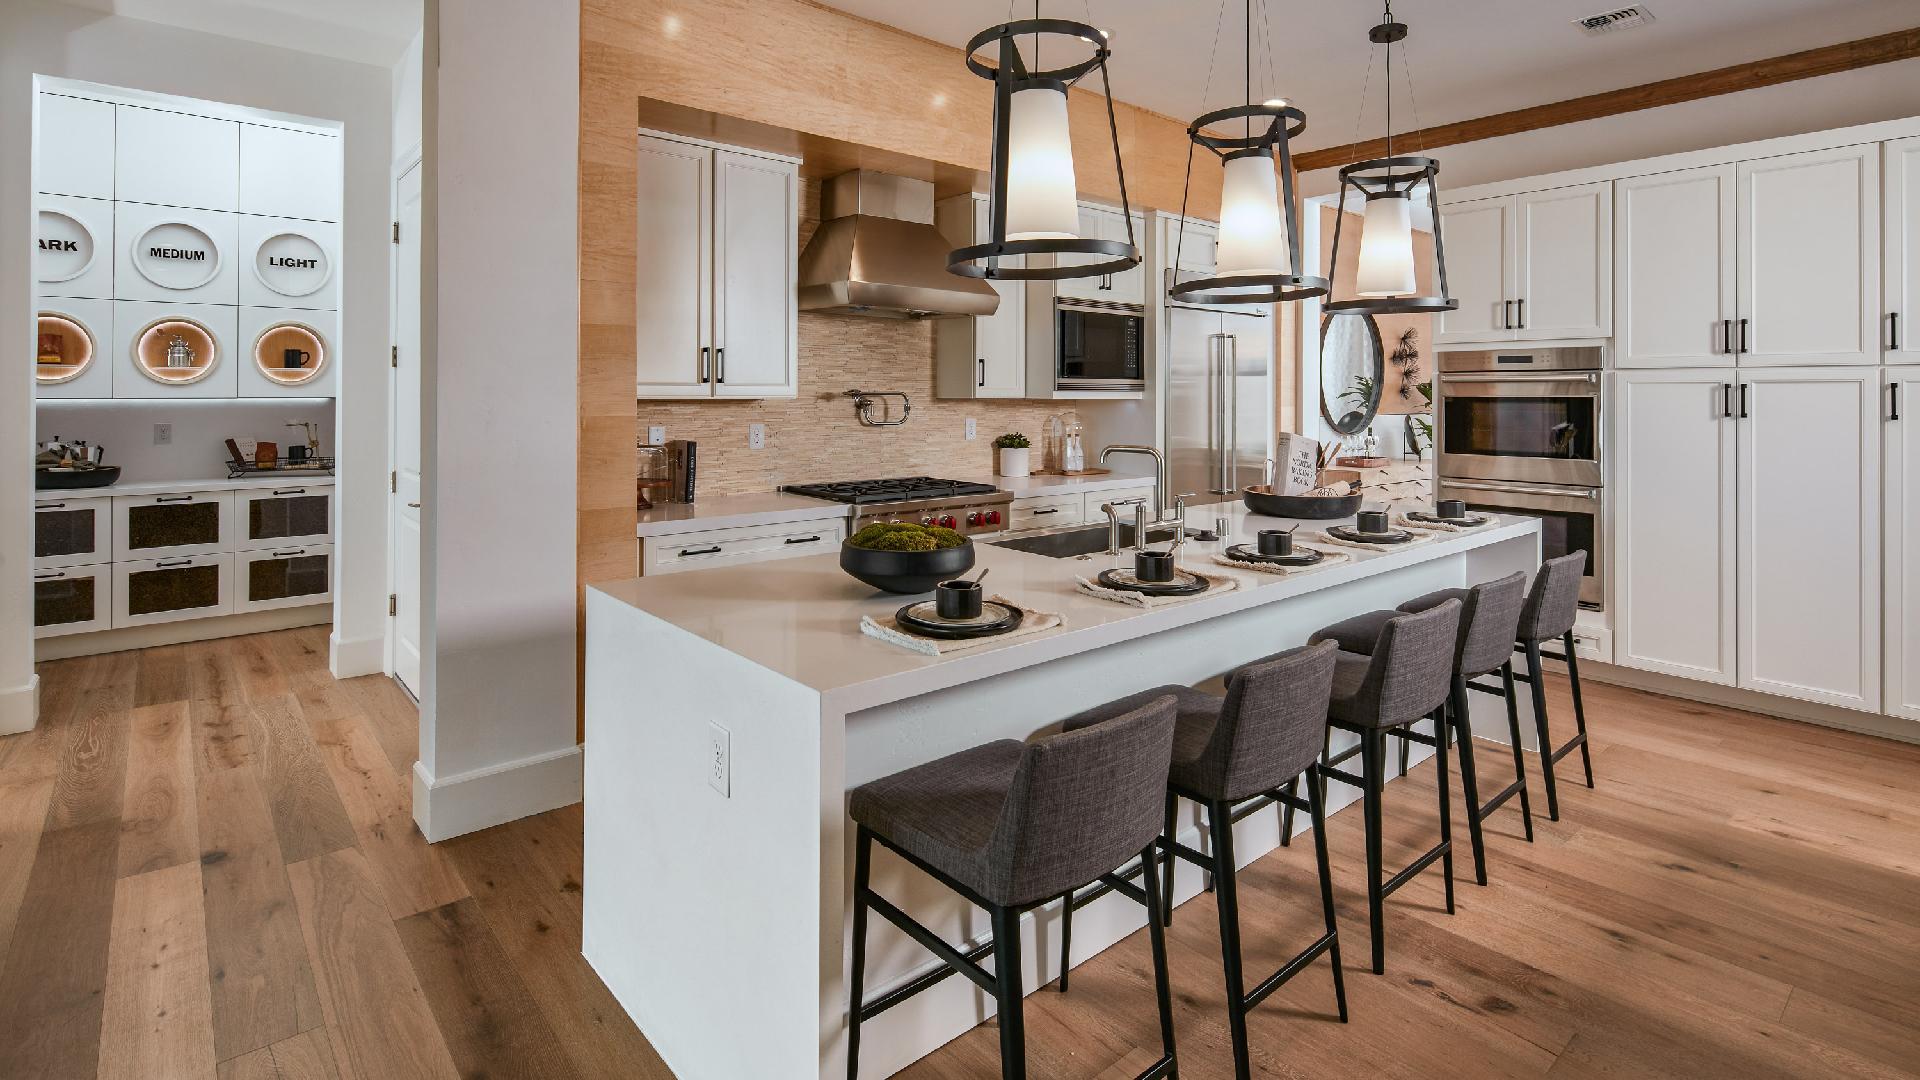 Avondale gourmet kitchen